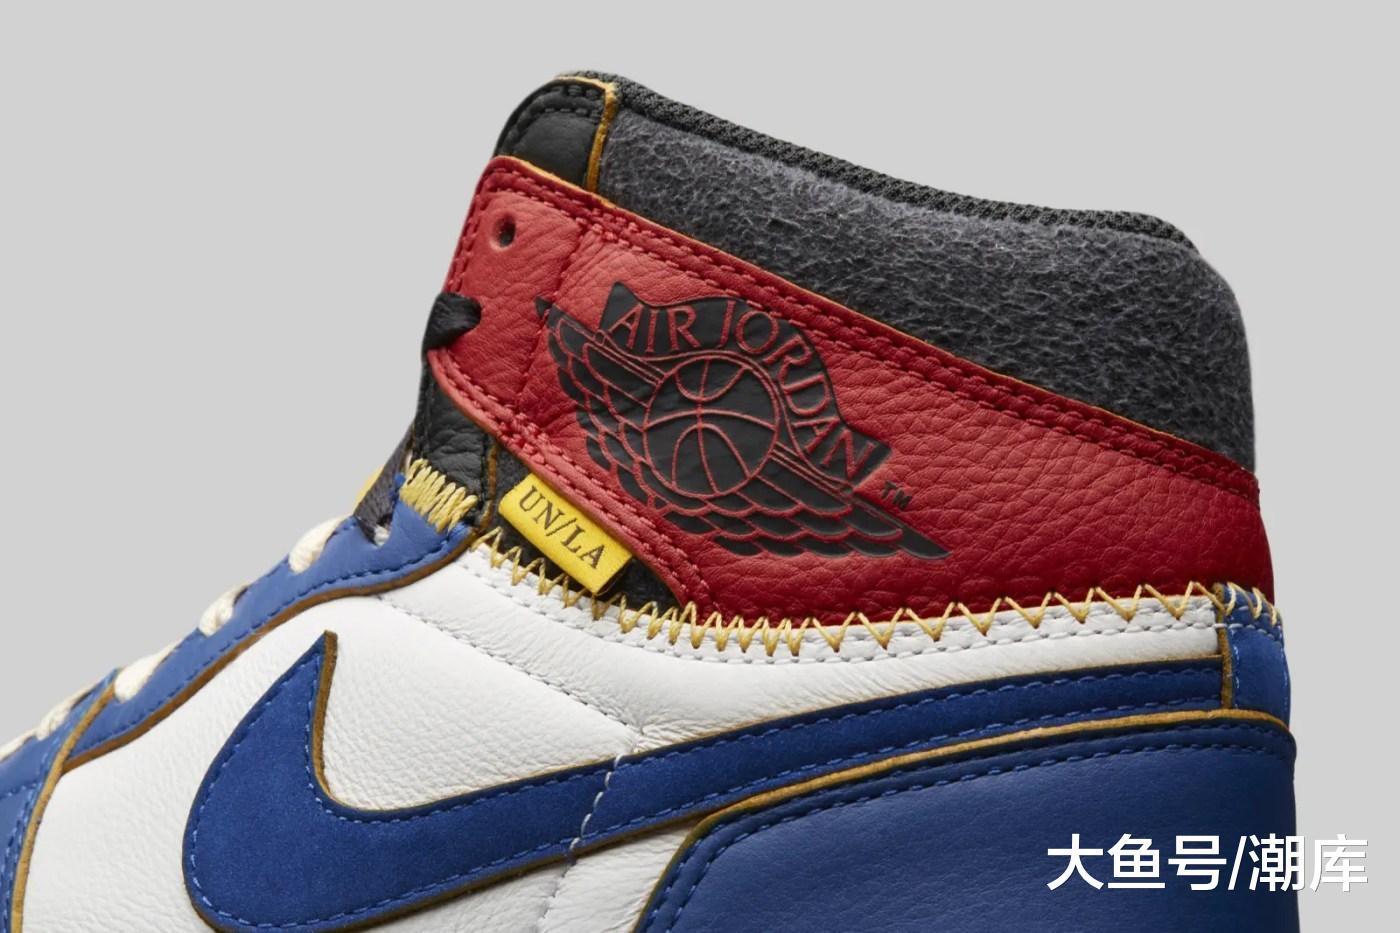 J23app统计本年度已推出AirJordan鞋款价值总和